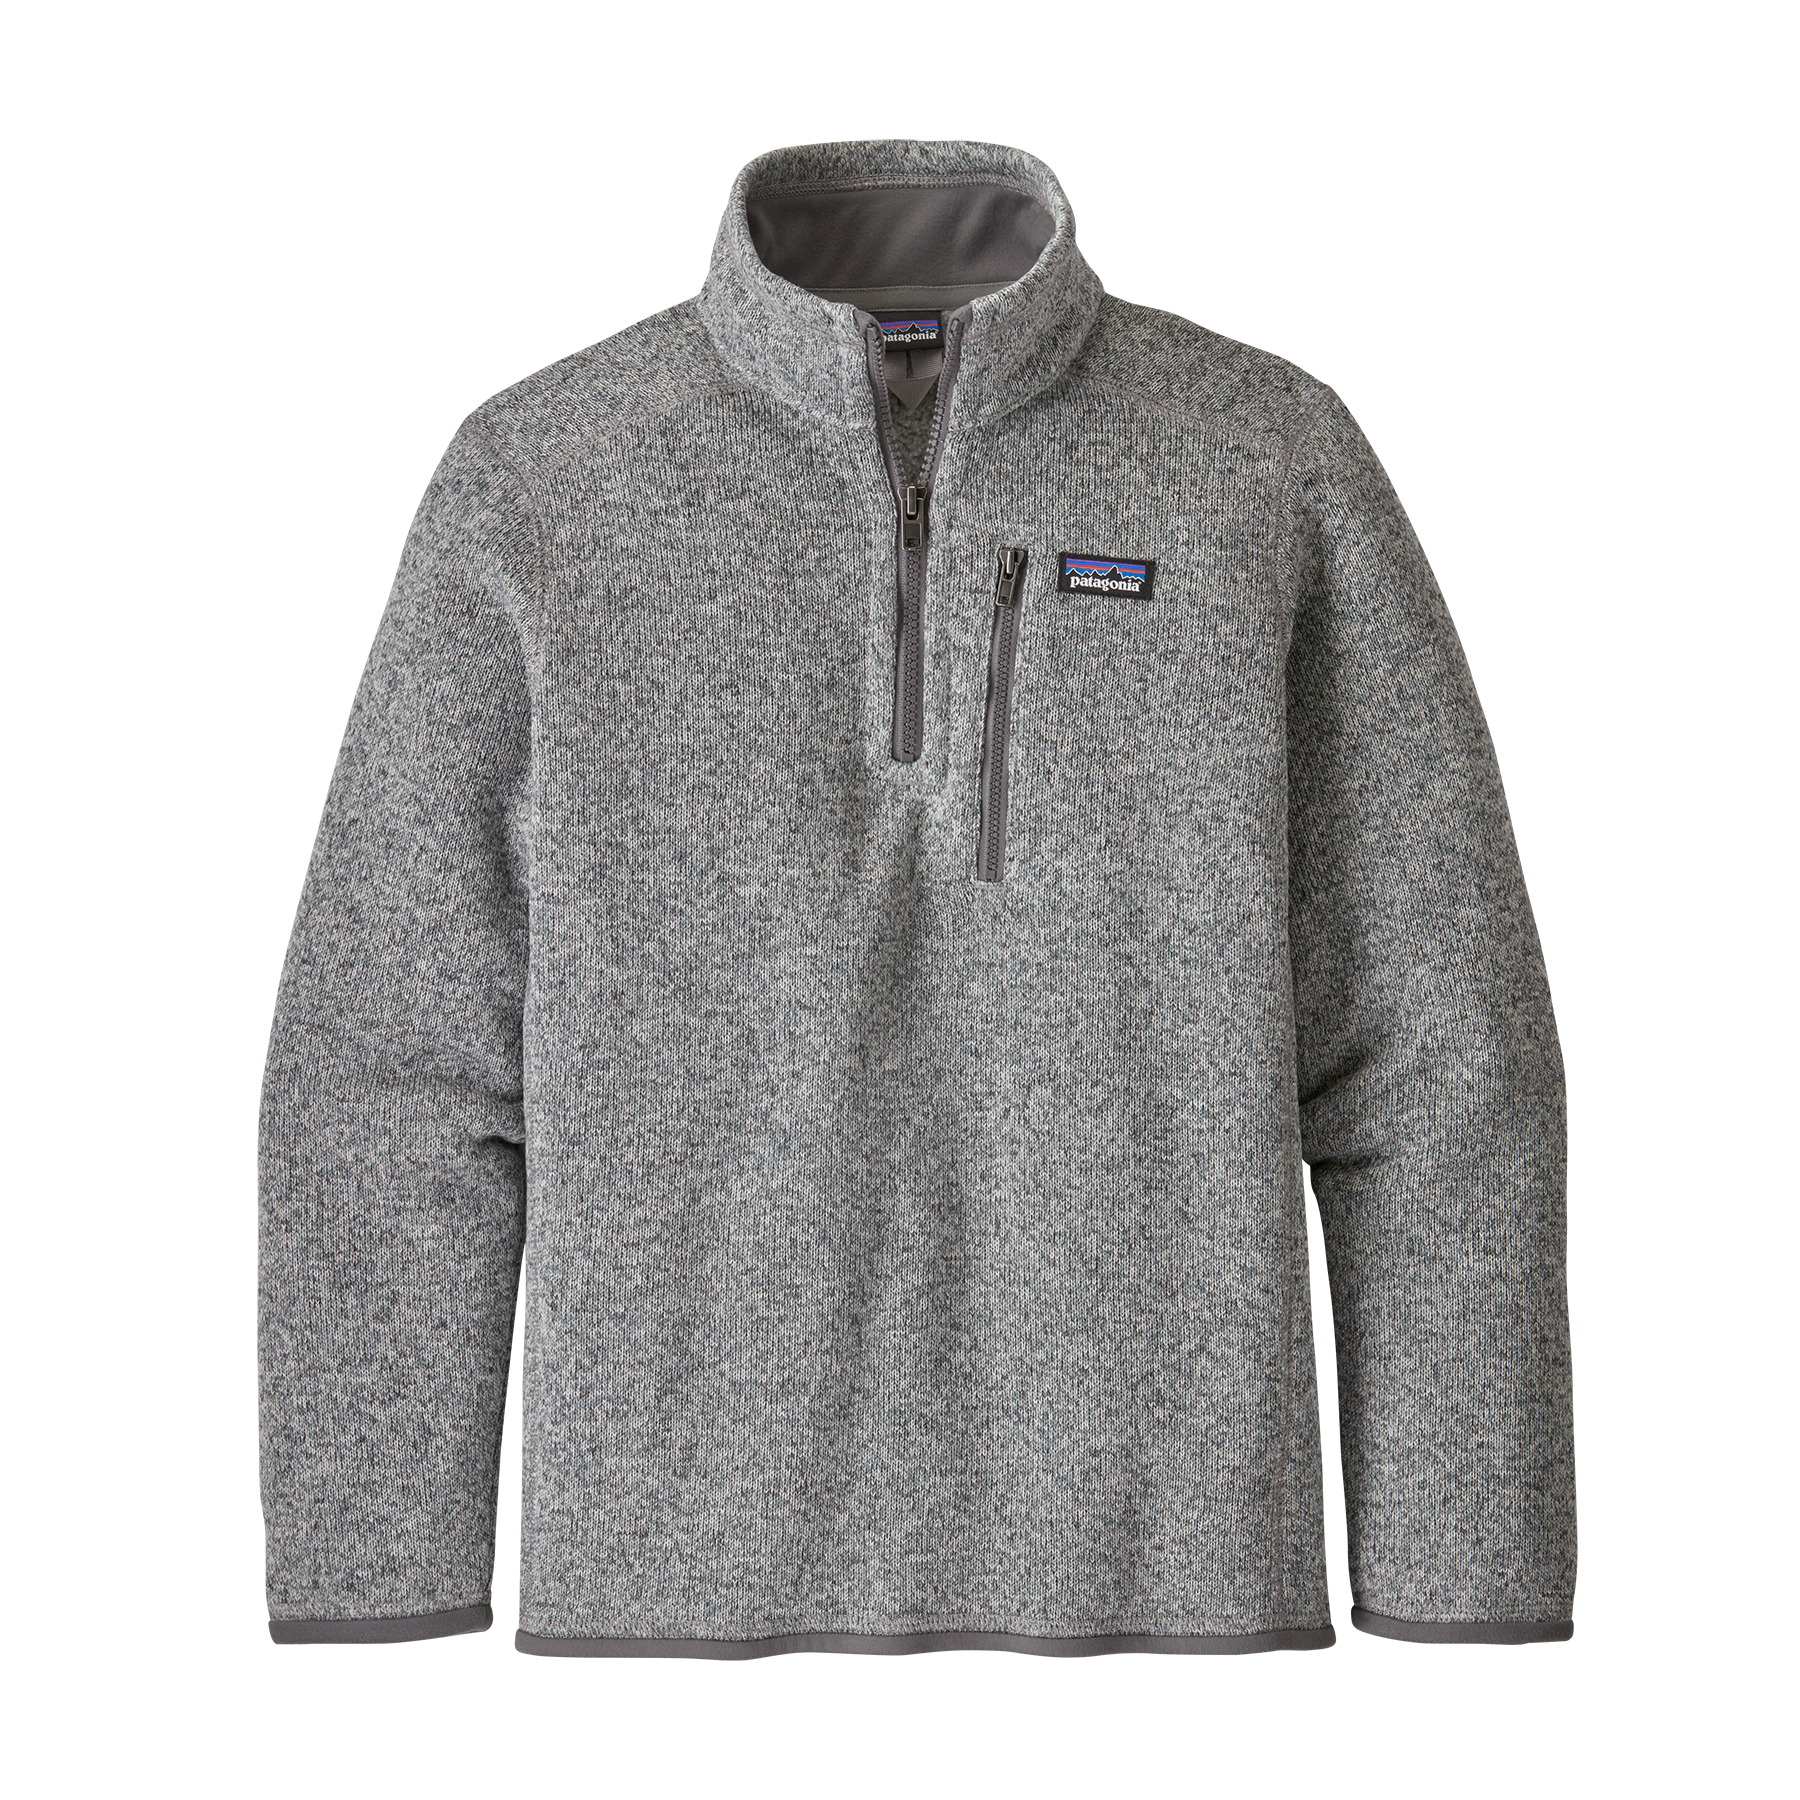 Patagonia Boys' Better Sweater 1/4-Zip Fleece (65706)